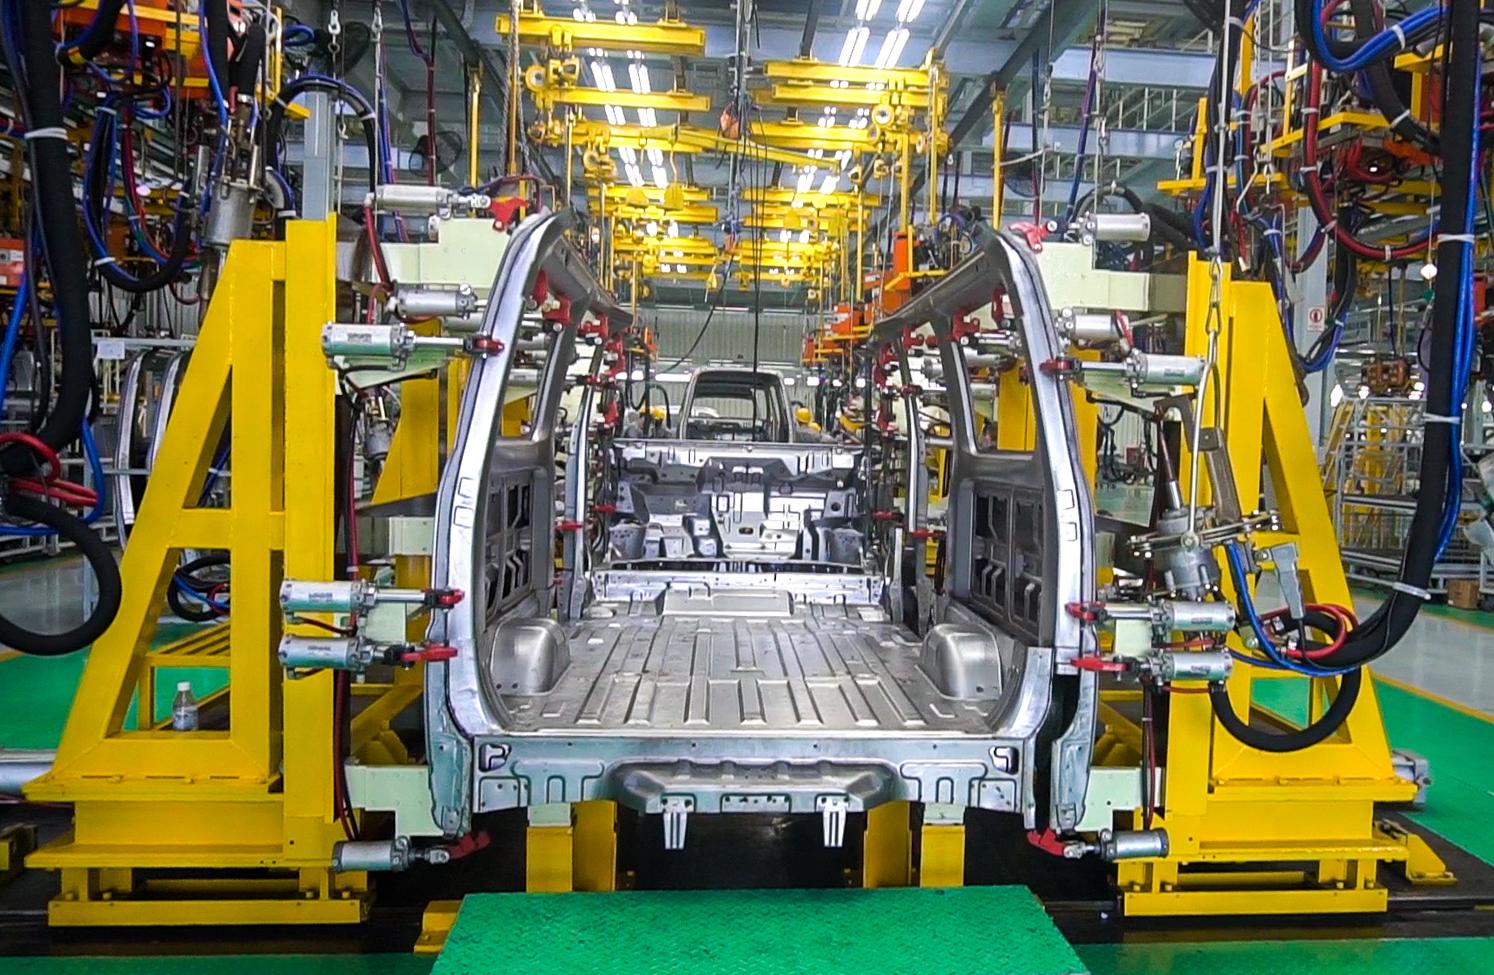 Thiết kế gia công Jig và lắp đặt hệ thống thiết bị dây chuyền hàn bấm body xe tải Towner Van.jpg